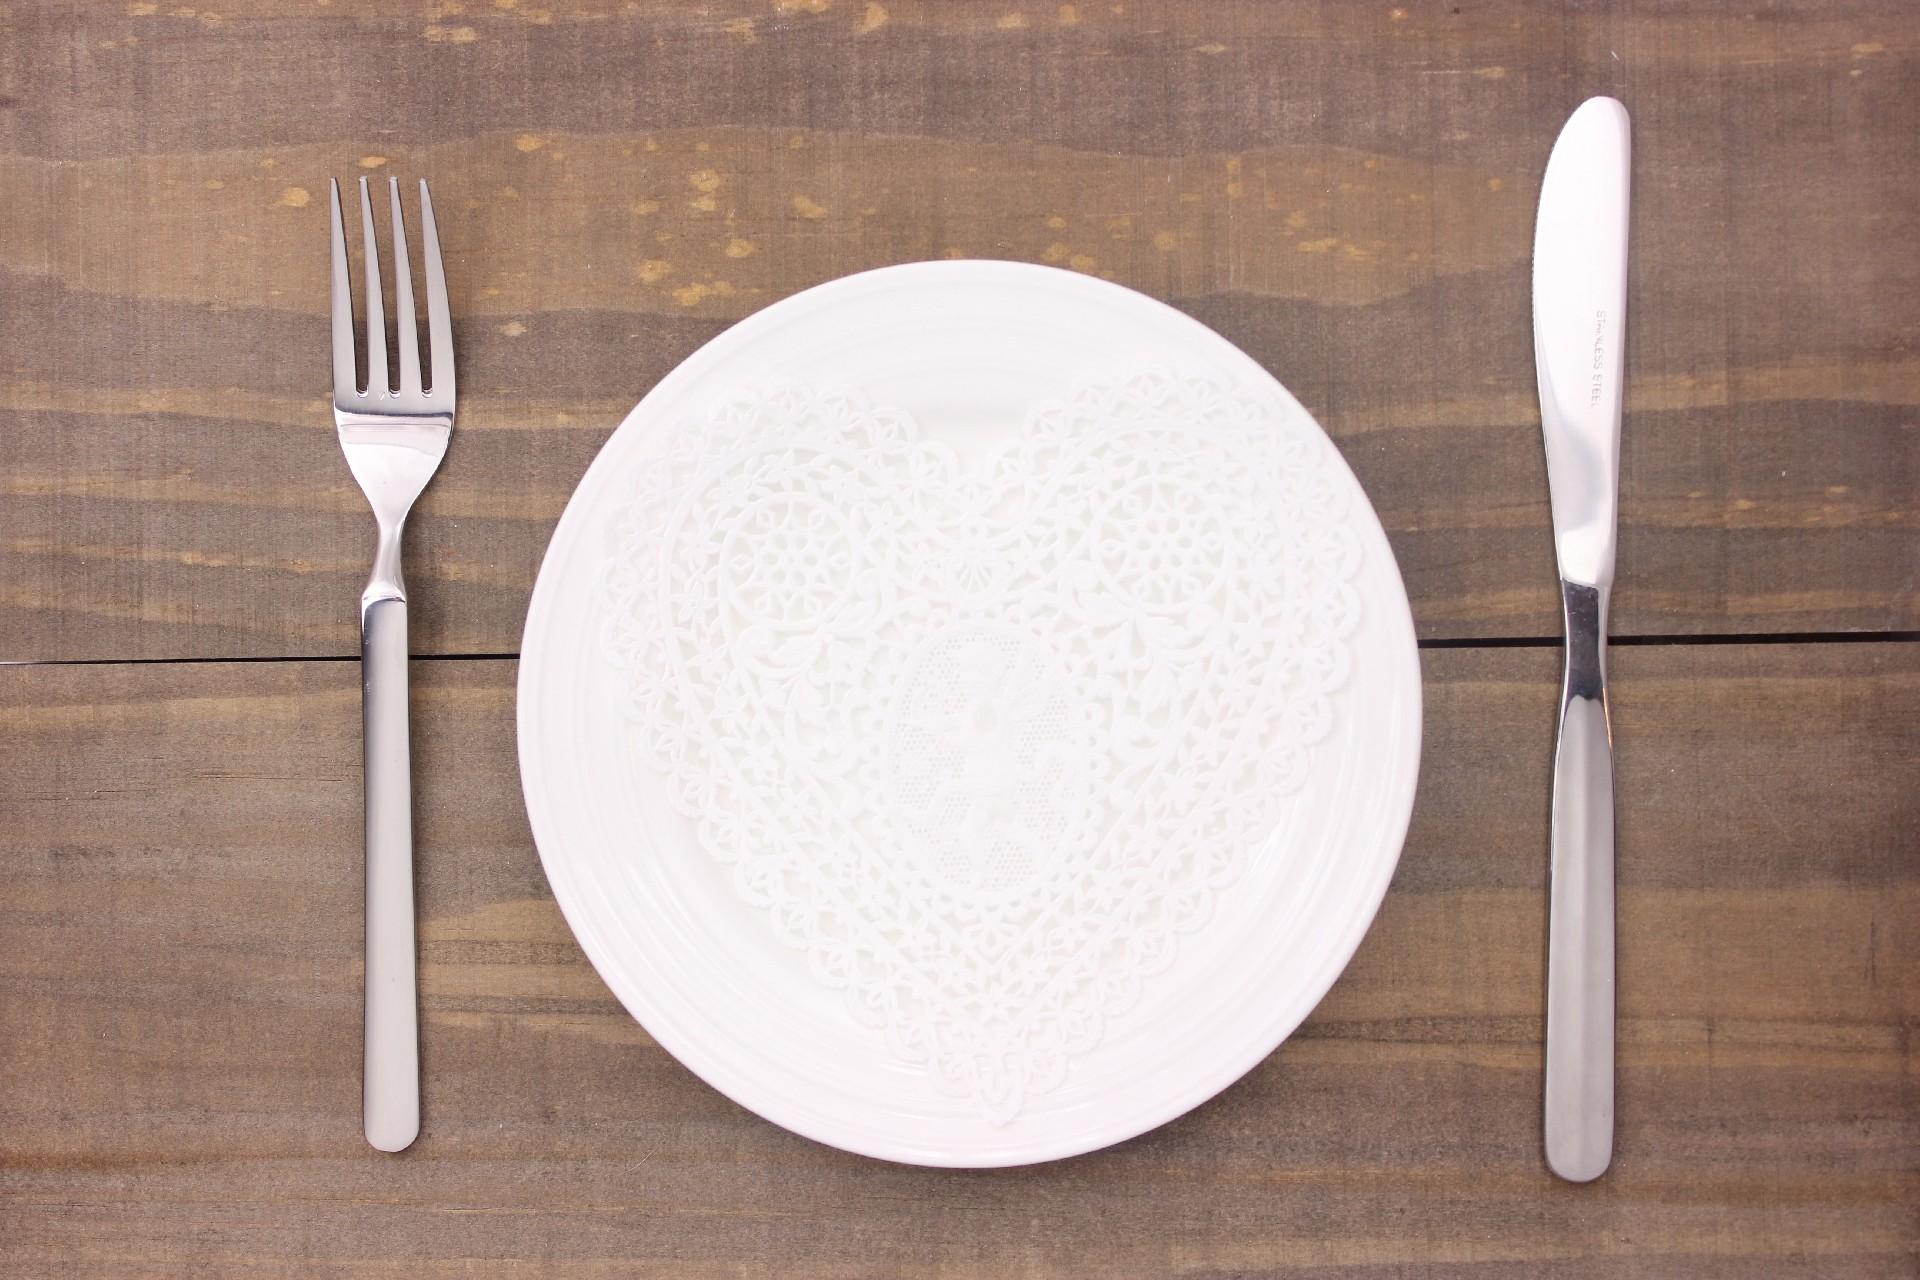 食事マナーが悪い人は嫌われる?人柄や育ちもわかるの?